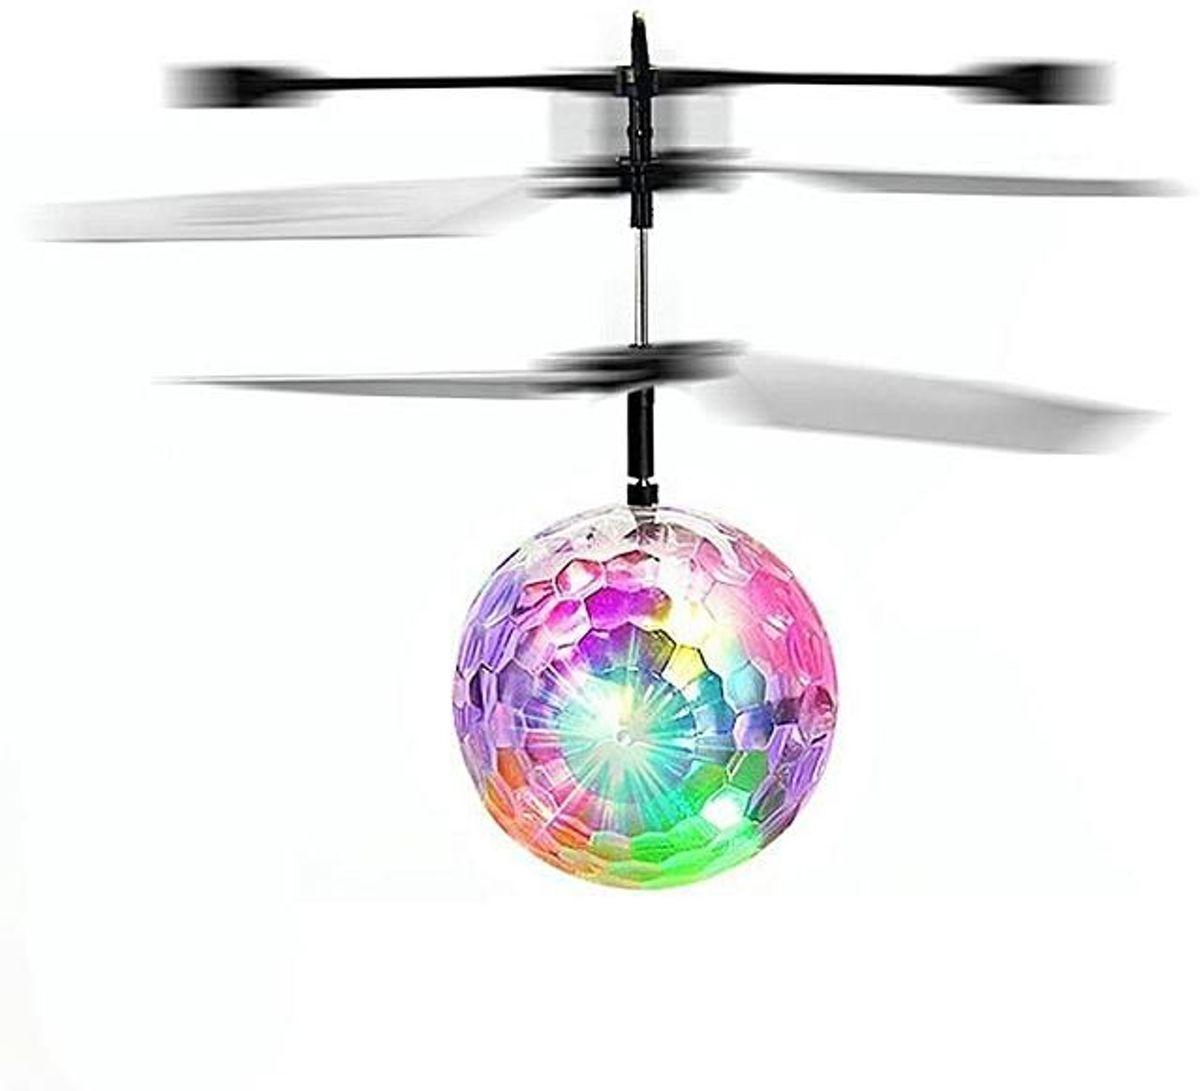 Flying Ball - licht bal bestuurd via de hand. GRATIS VERZENDING